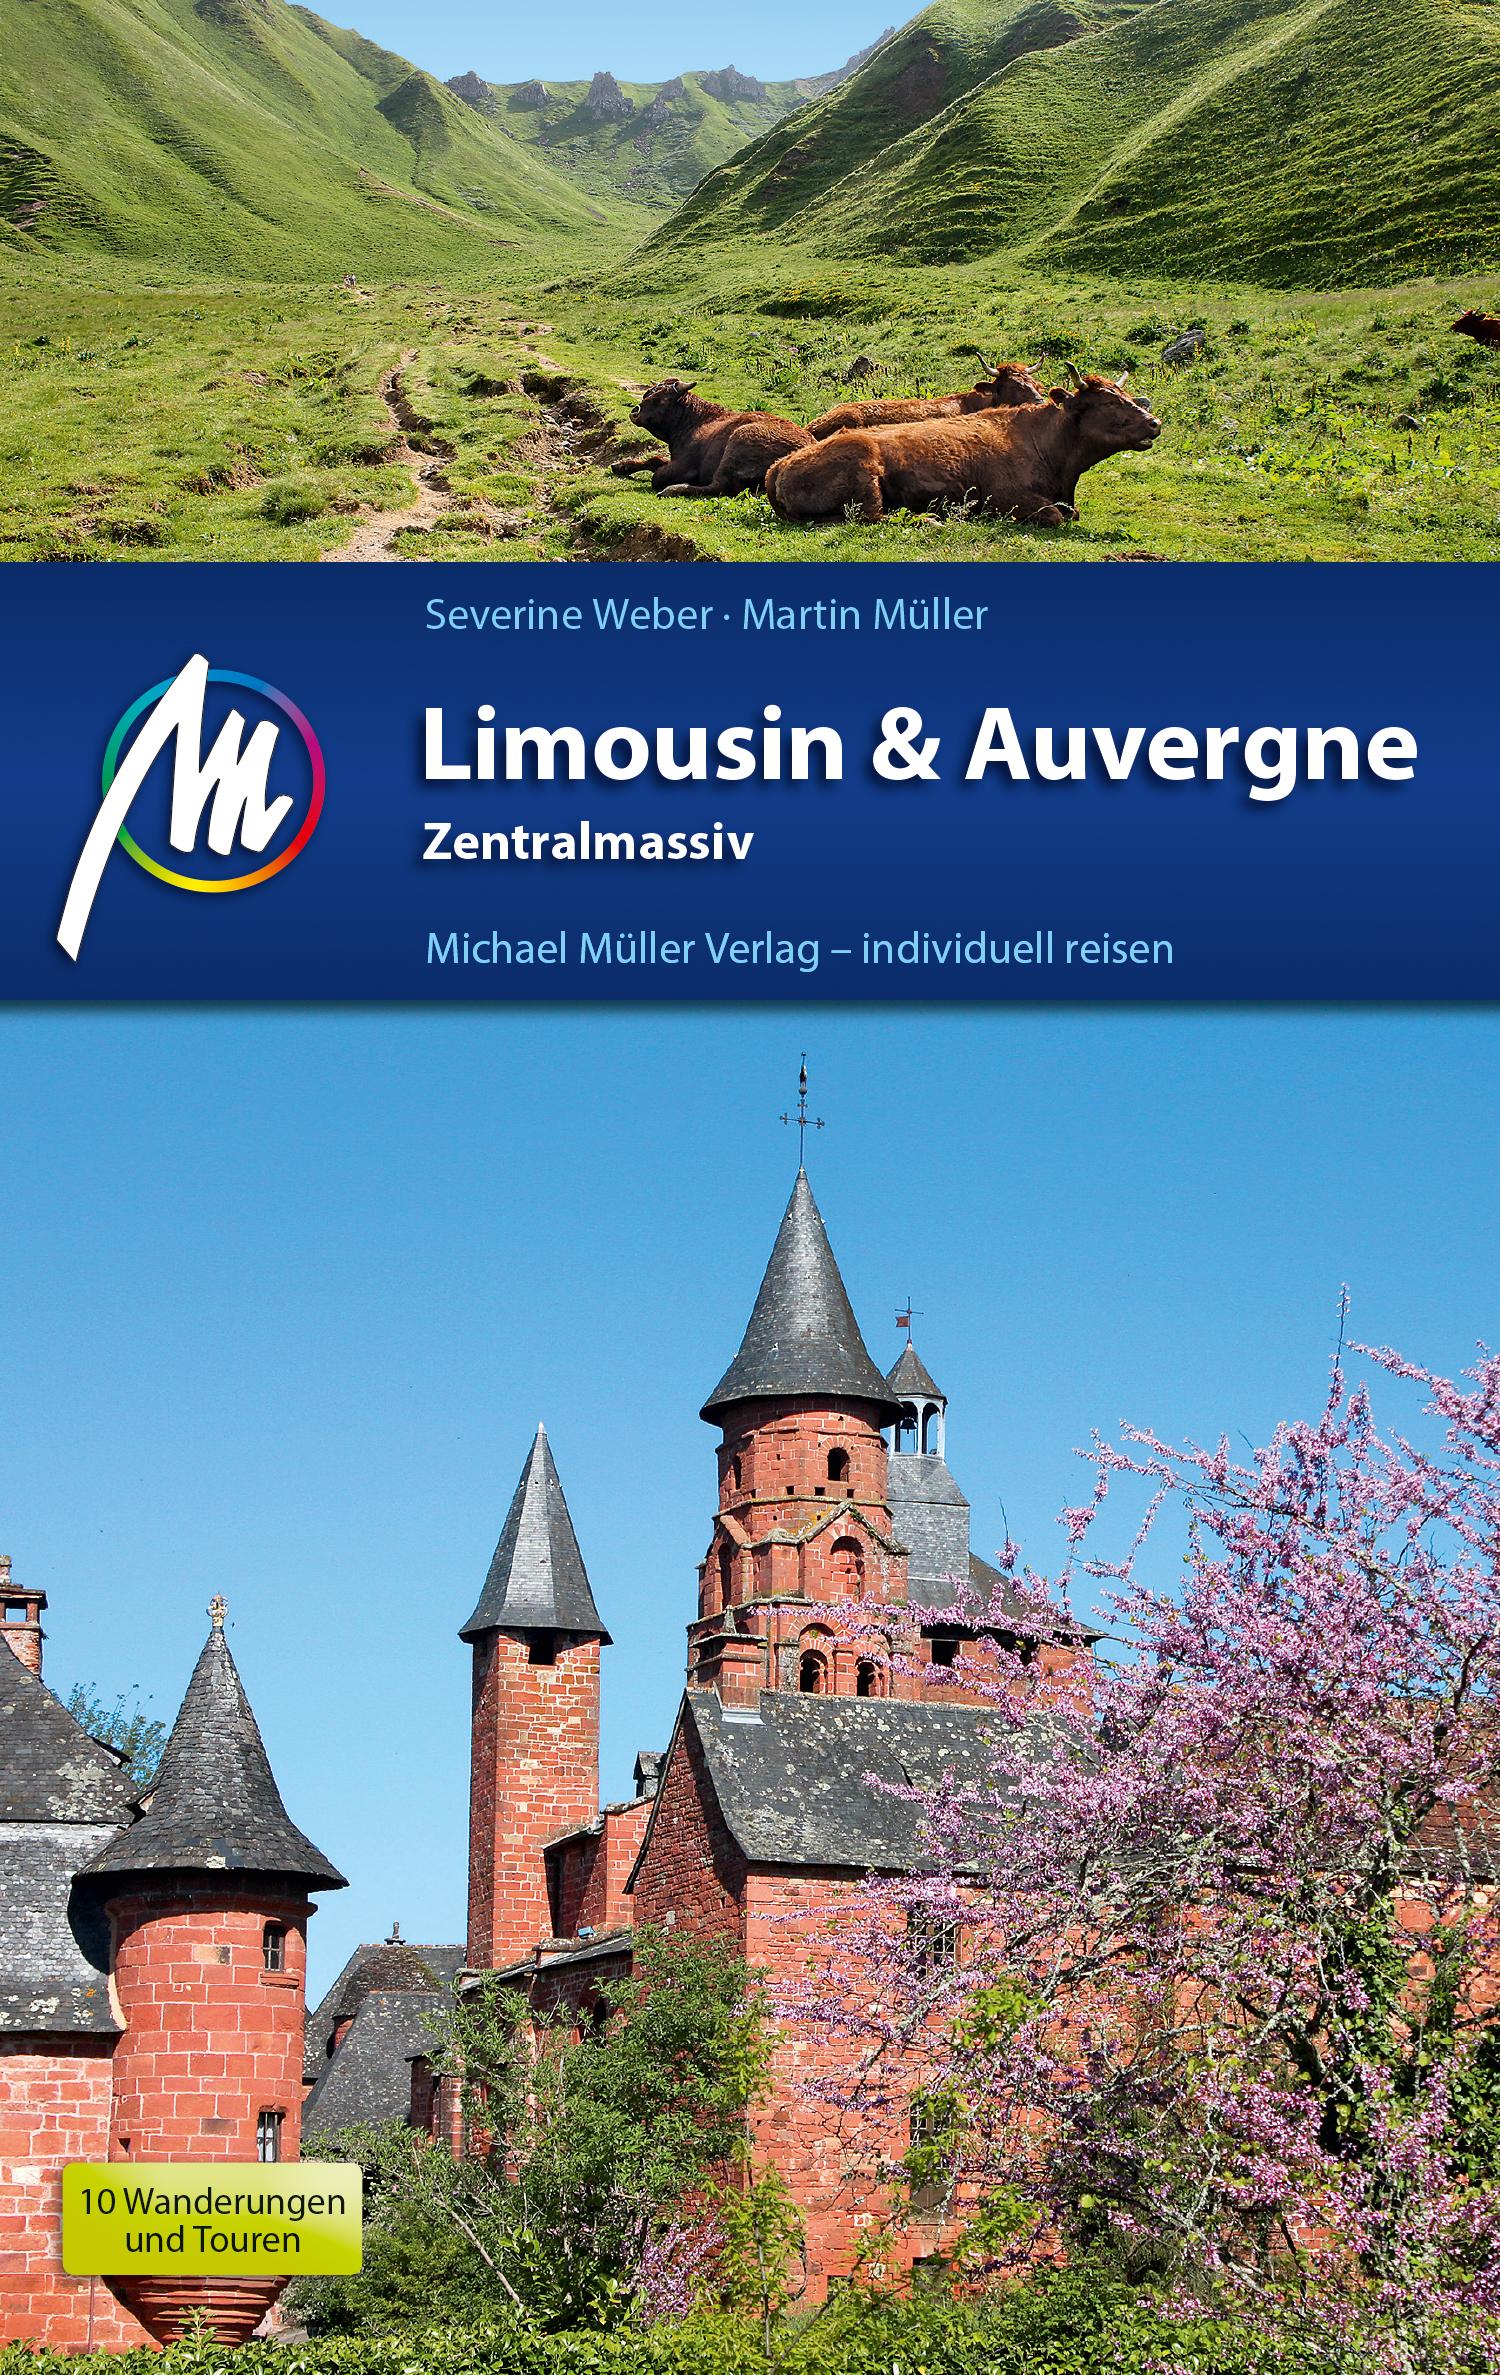 цена Martin Muller Limousin & Auvergne Reiseführer Michael Müller Verlag